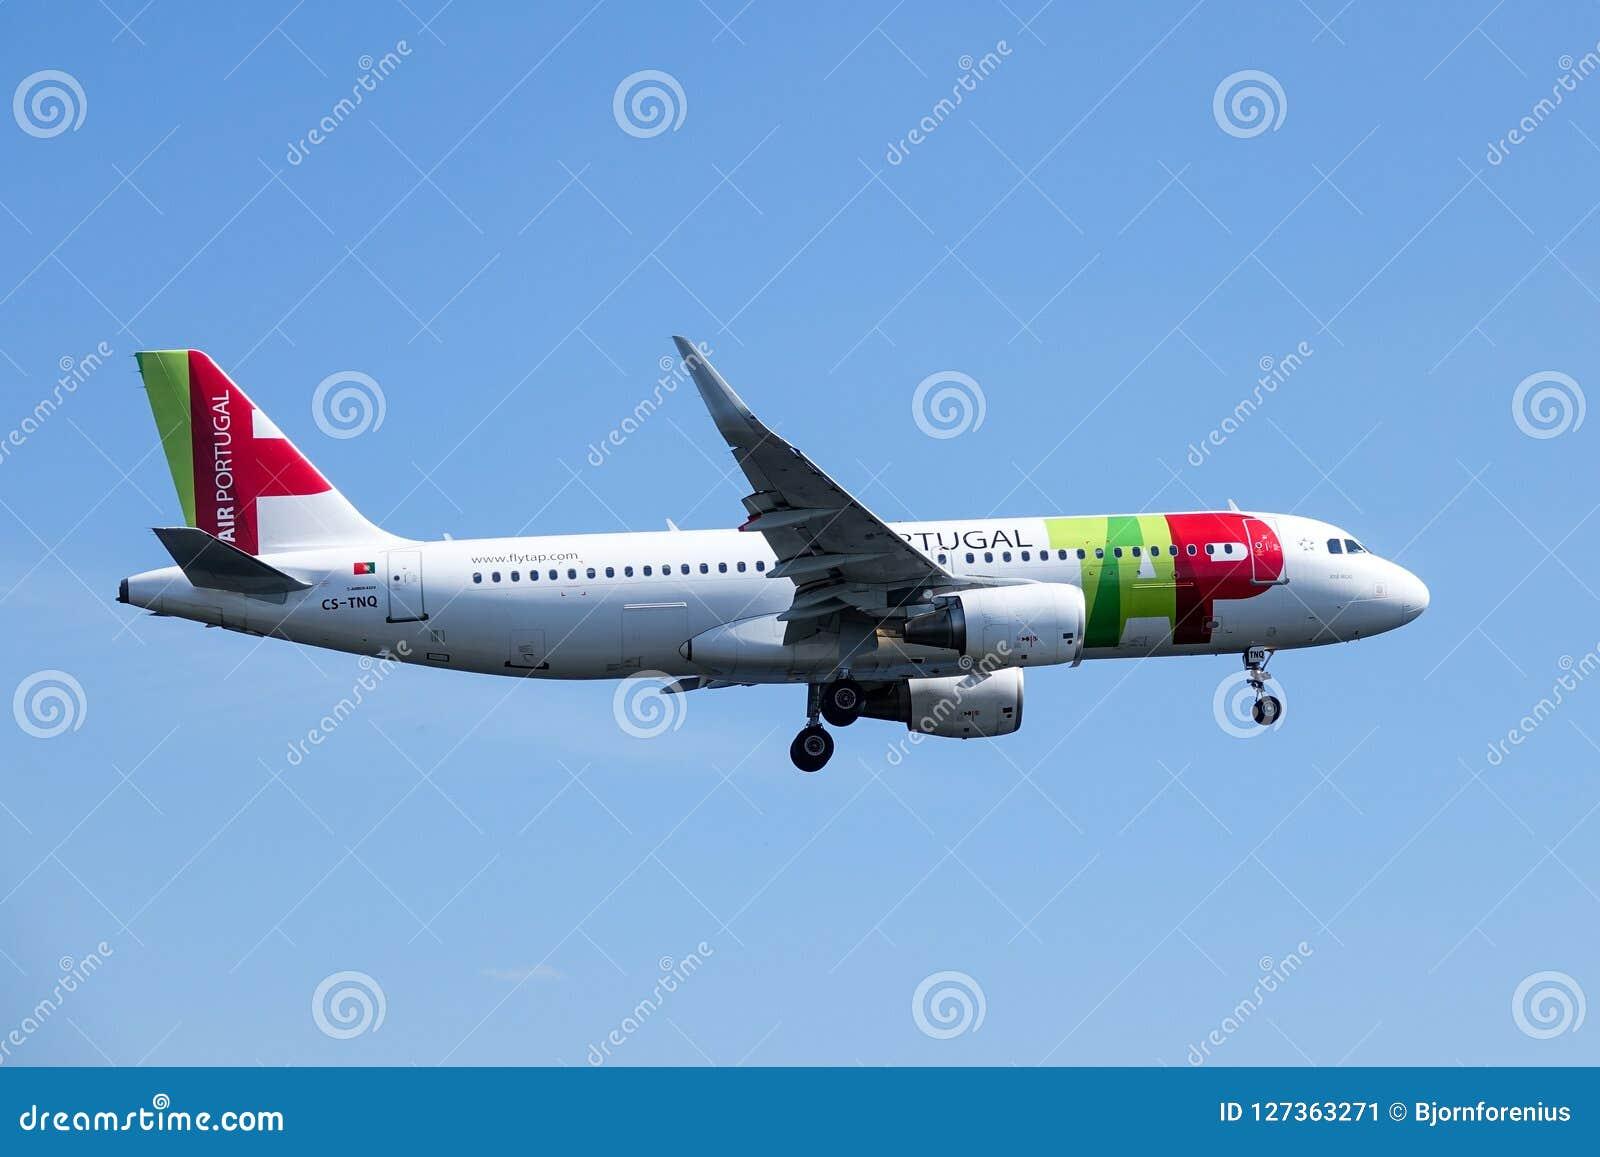 KNACKA LÄTT PÅ Air Portugal, strålflygplan för flygbuss A320/nivå